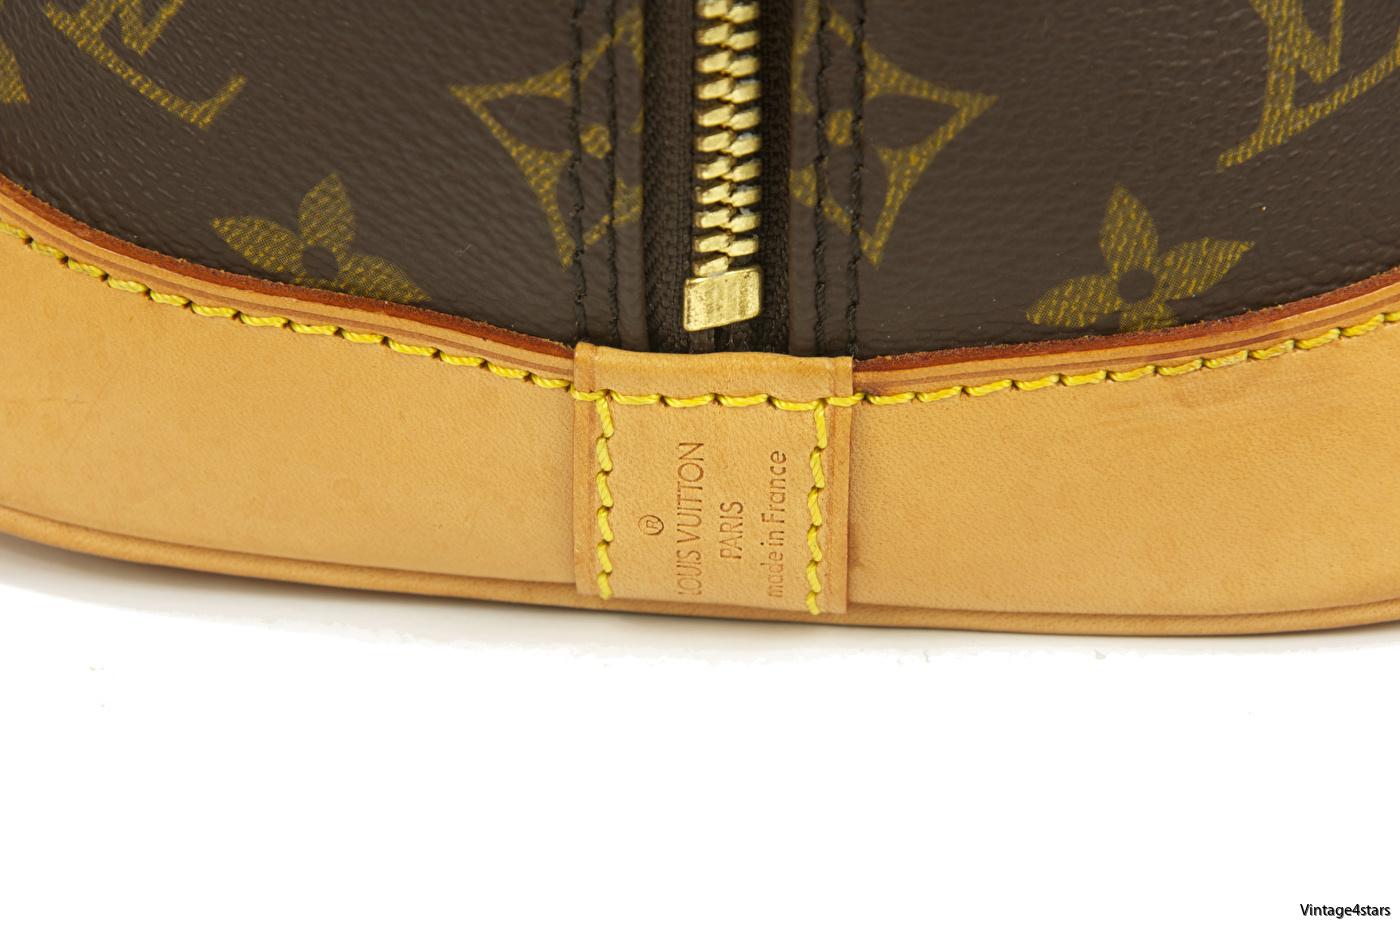 Louis Vuitton Alma 10